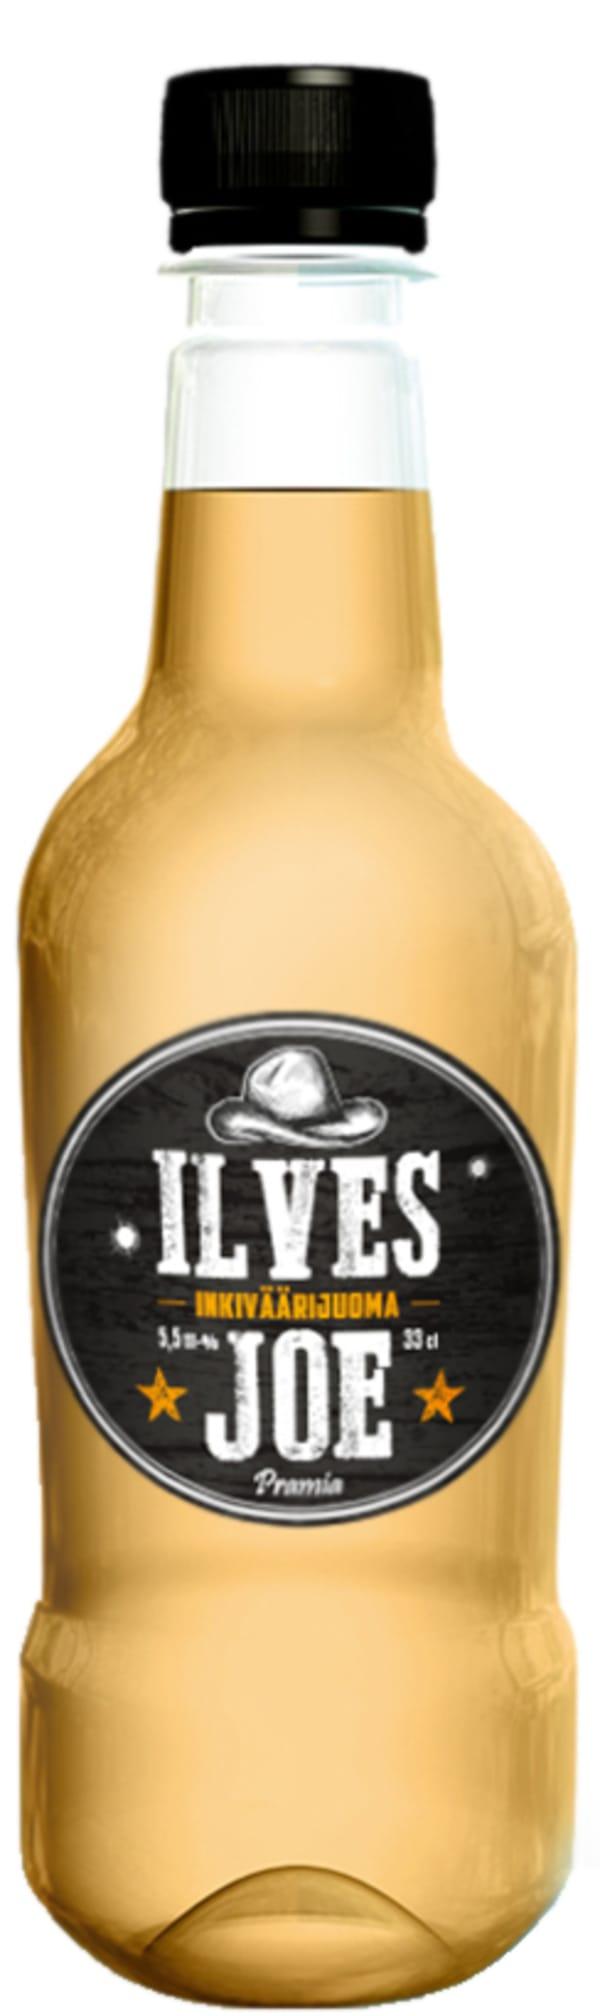 Ilves Joe Inkiväärijuoma plastic bottle